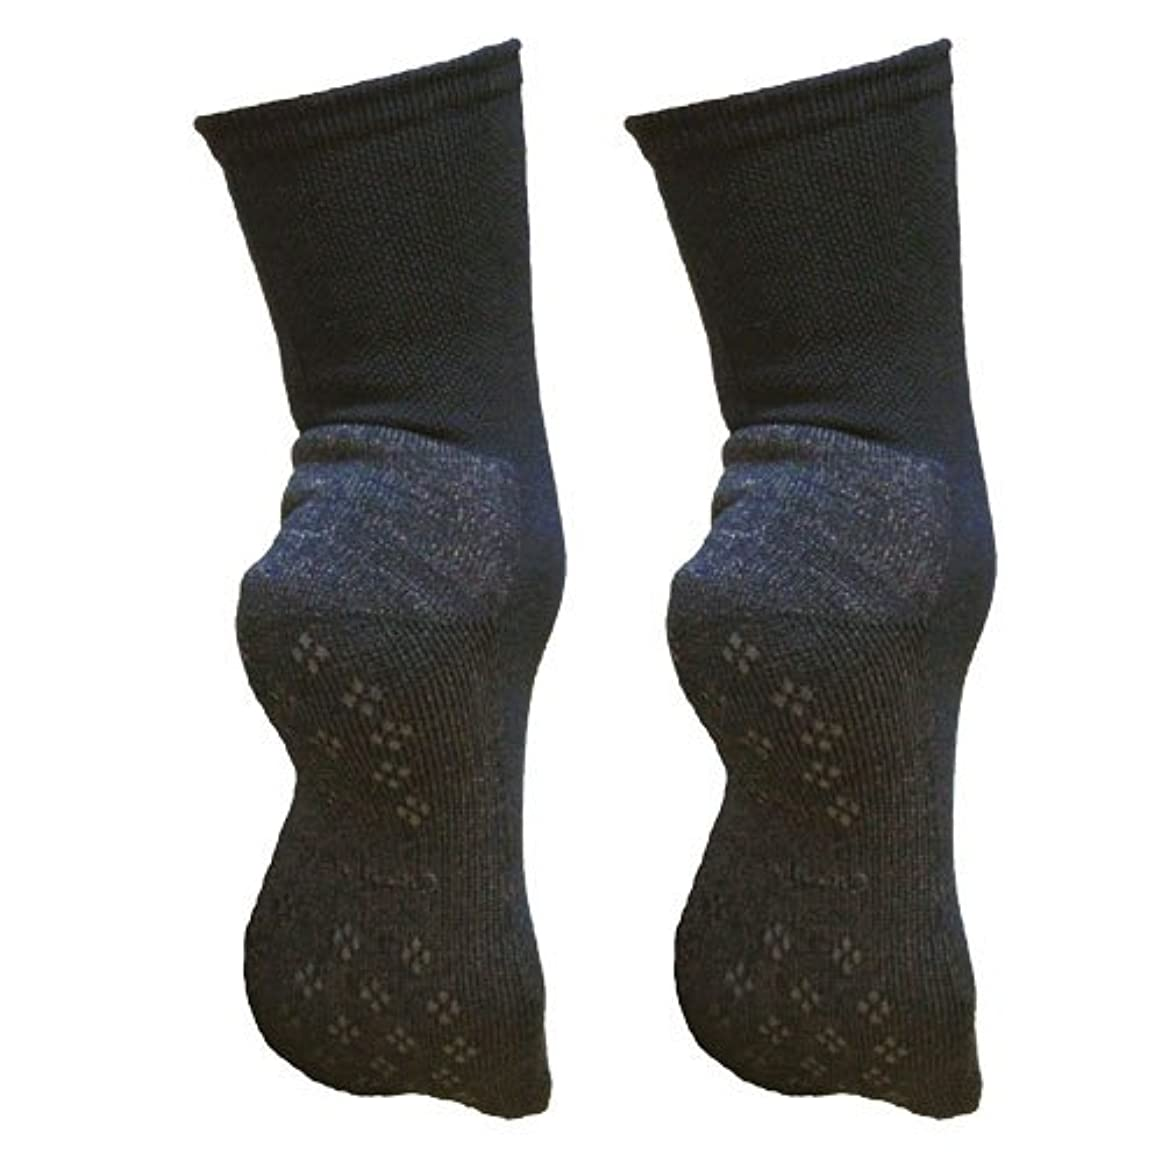 バスブロッサム祈り銅繊維靴下「足もとはいつも青春」パイルタイプ2足セット 靴底のあたたかさ重視